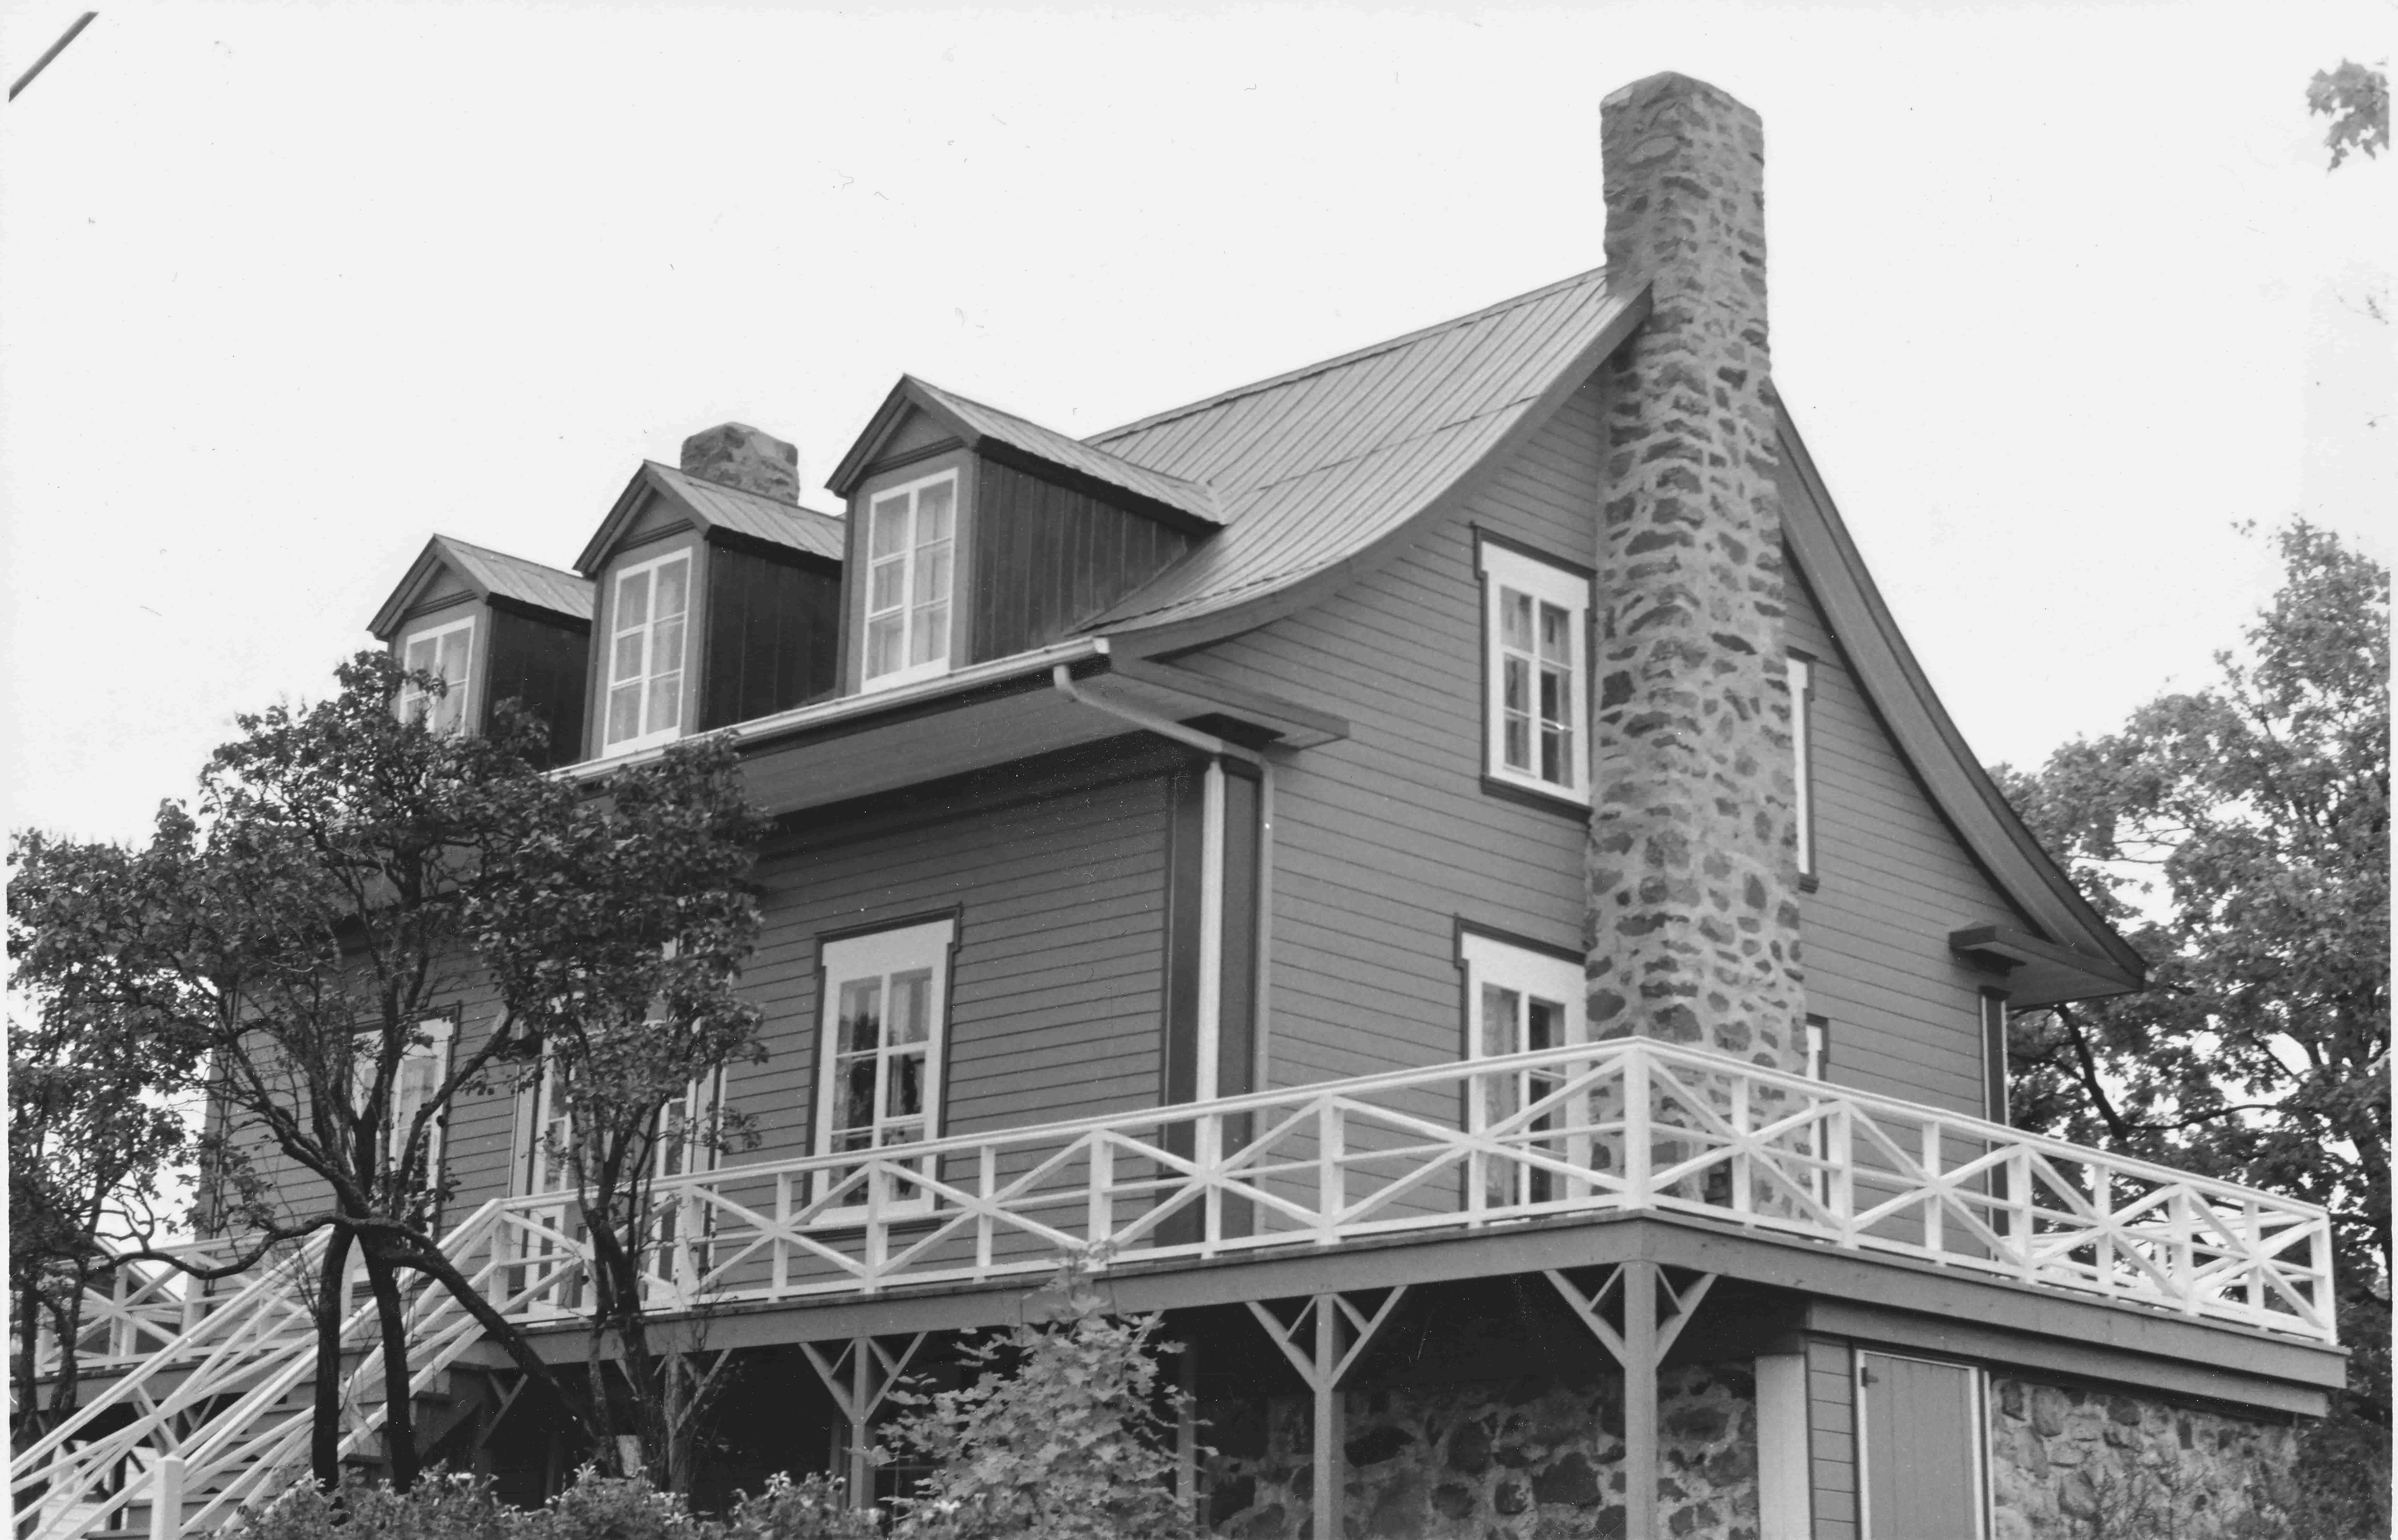 Solide maison québécoise ancienne, avec cheminée de pierre, toit en tôle et murs de planches horizontales en bois.